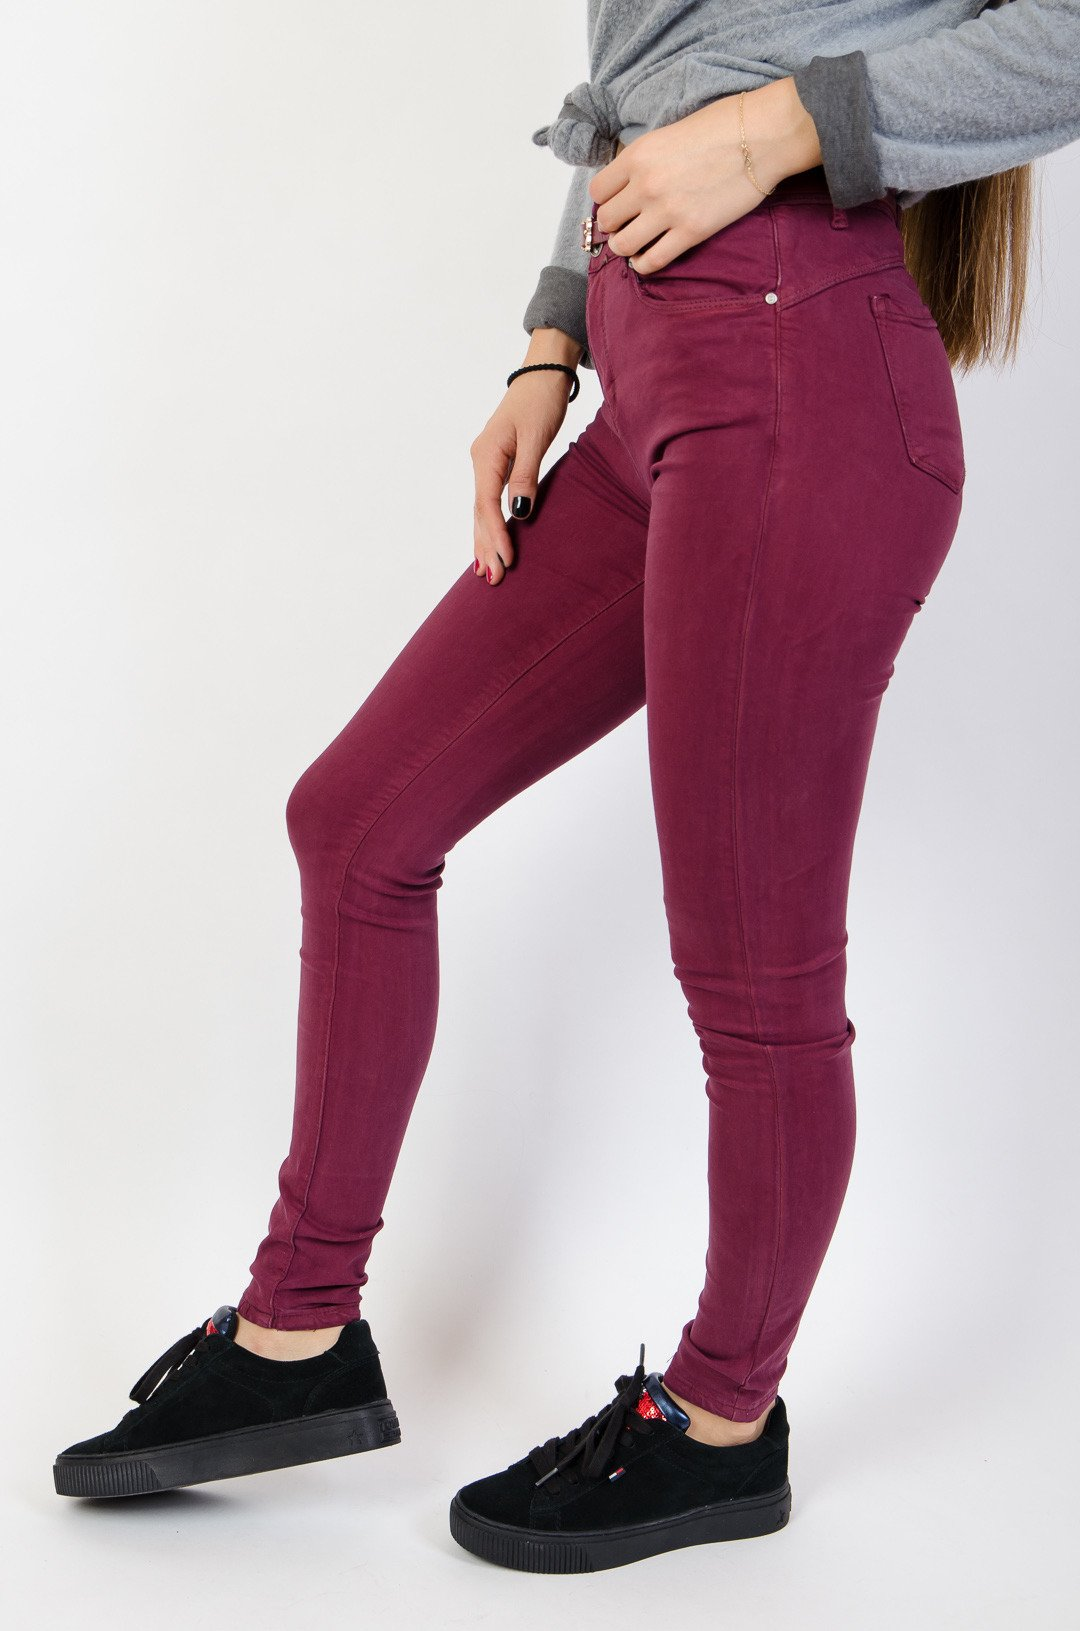 9be3cc8ad55a Bordowe spodnie skinny z wysokim stanem + pasek Bordowy